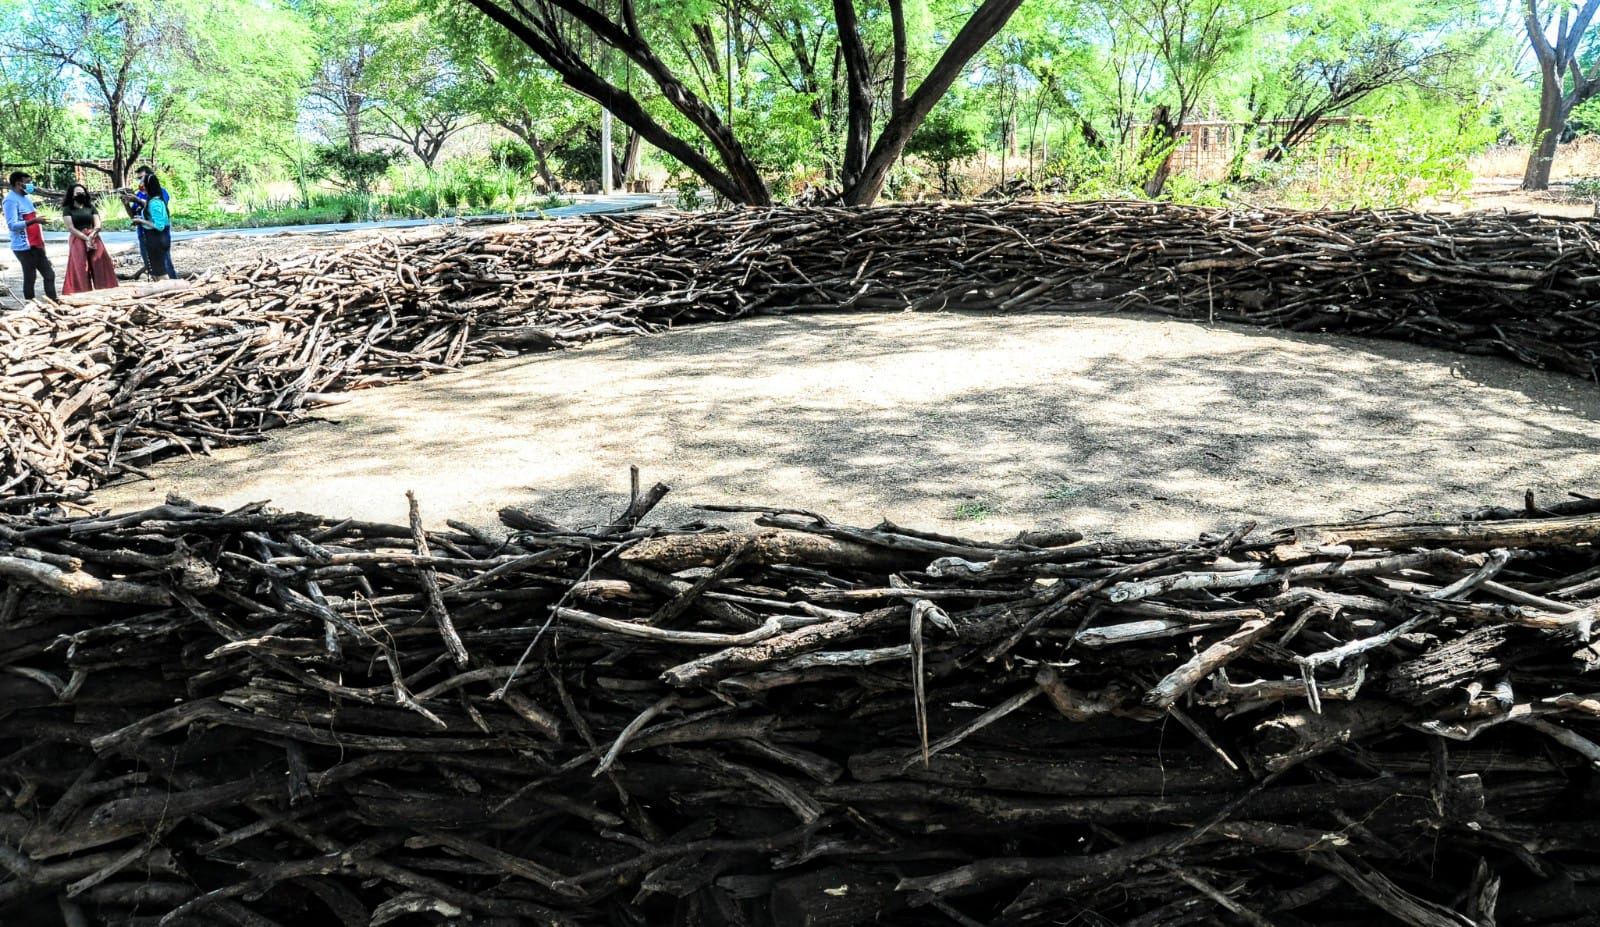 Parque Municipal oferta ao público diferentes espaços paisagísticos